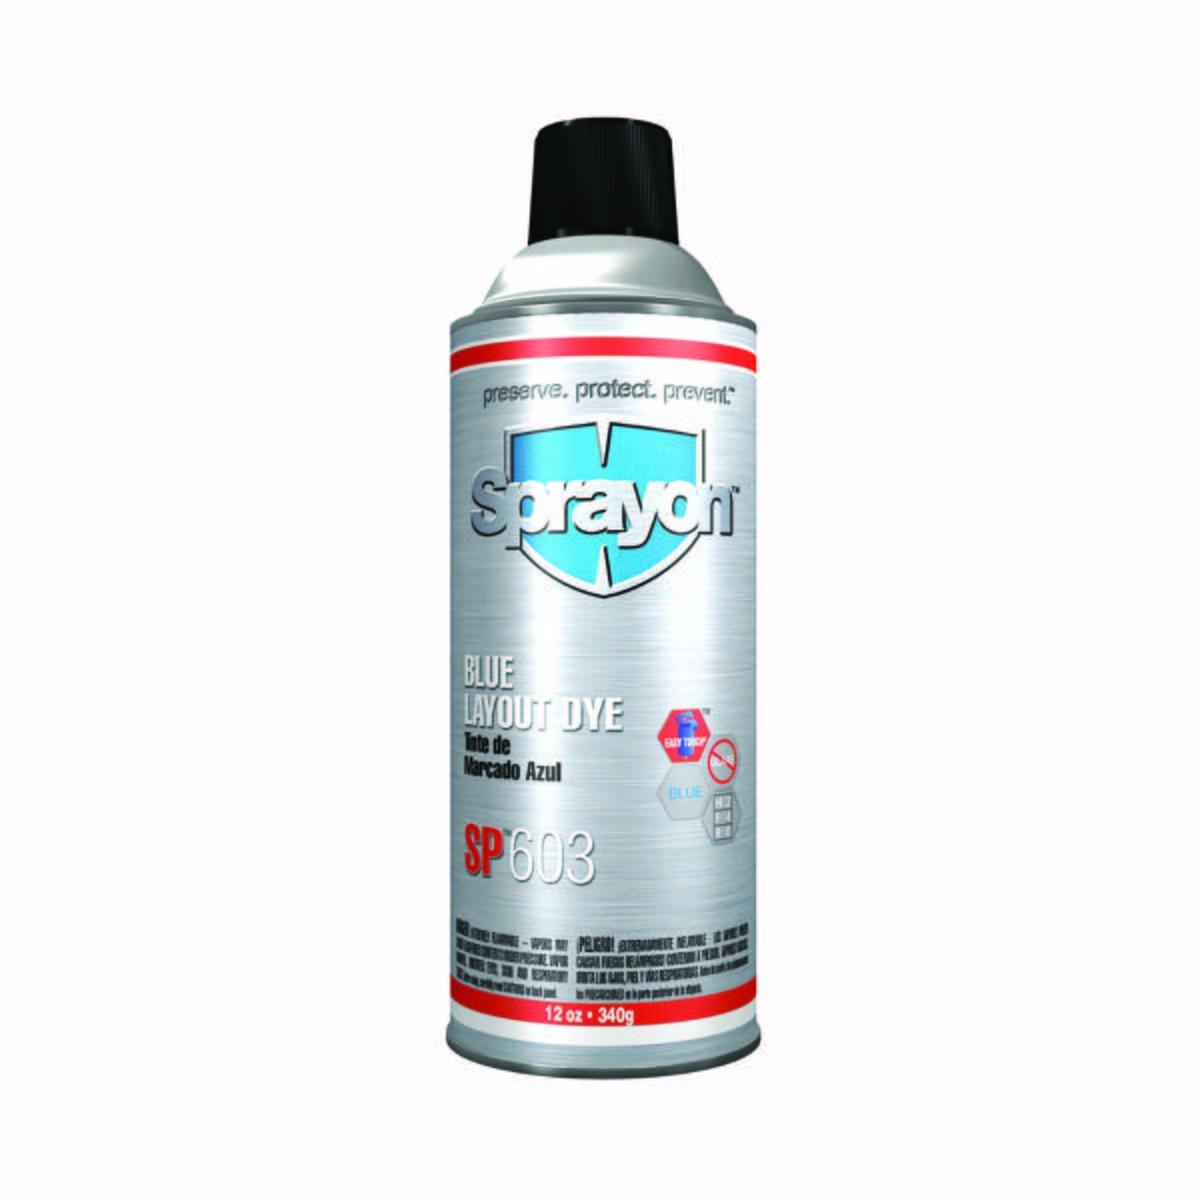 Sprayon Blue Layout Dye - Aerosol